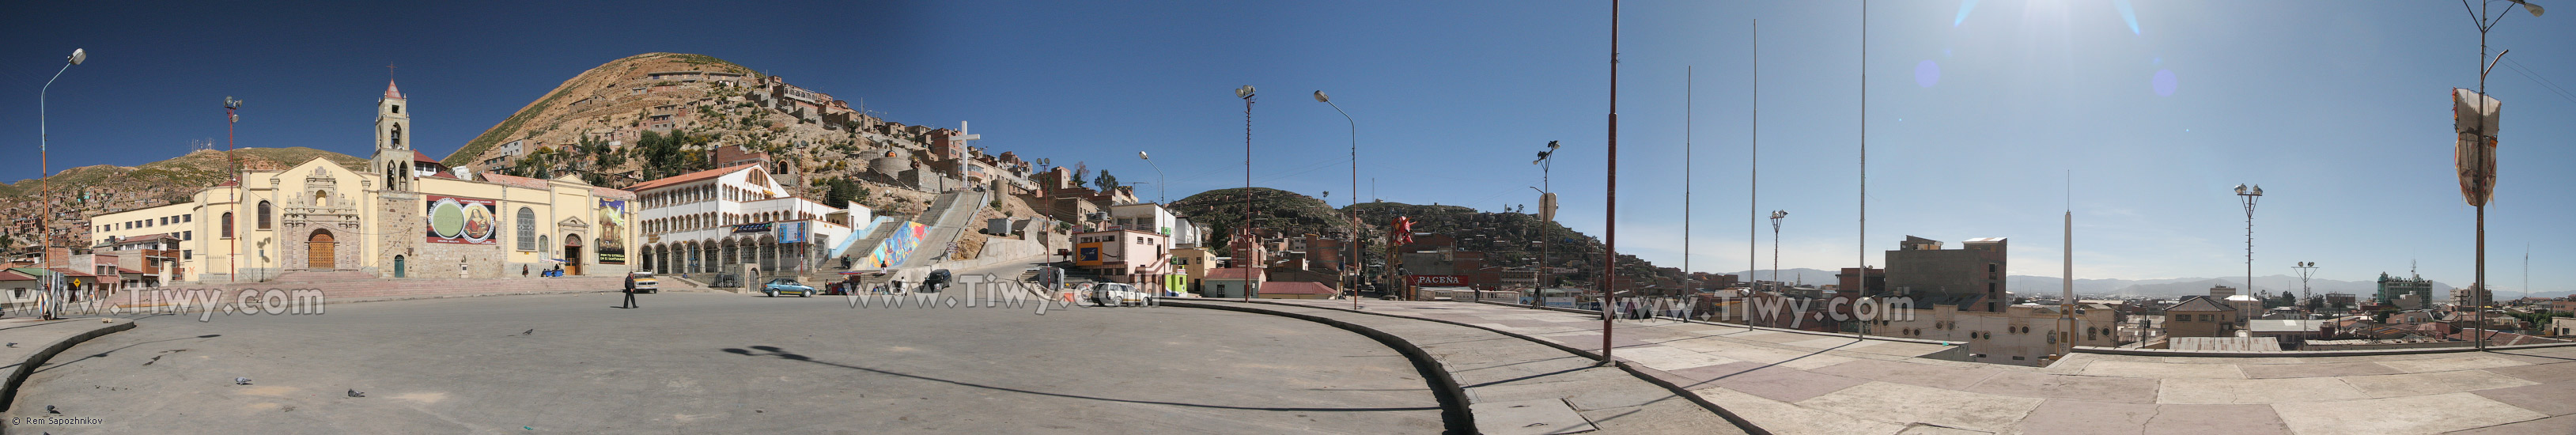 Oruro - Megaconstrucciones, Extreme Engineering